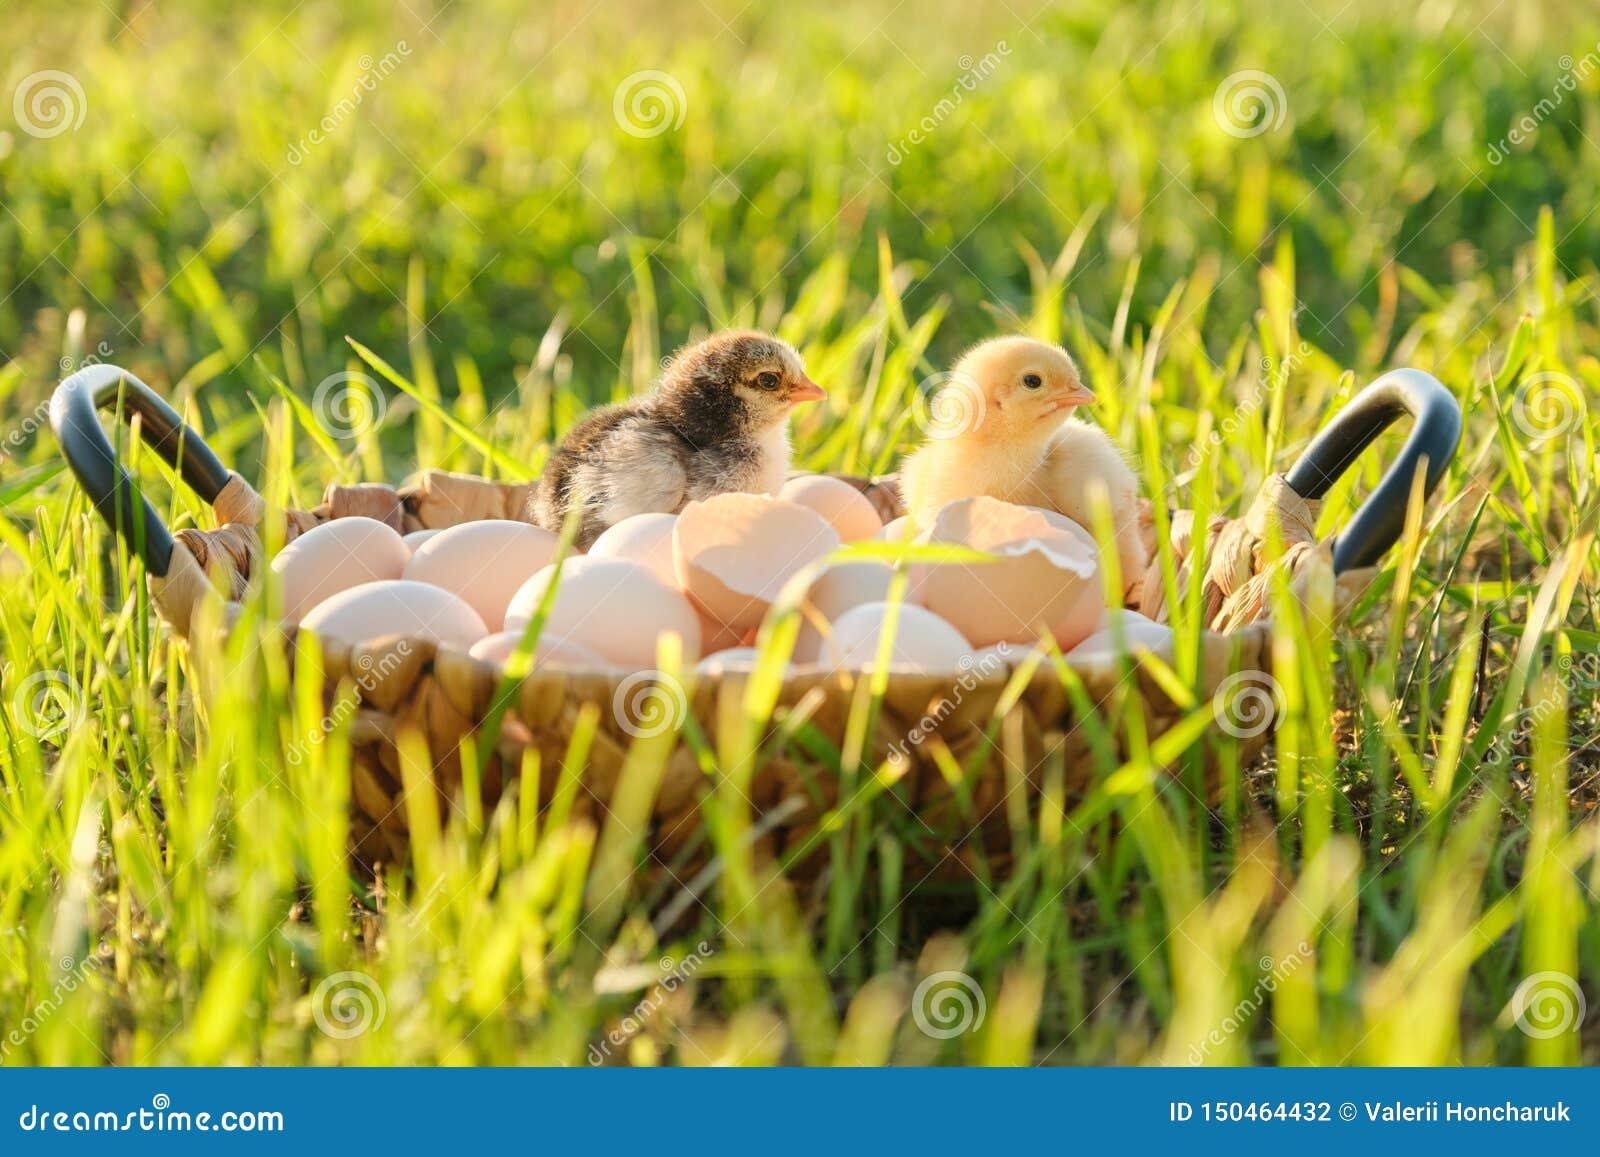 Panier avec les oeufs organiques frais naturels avec deux petits poulets nouveau-nés de bébé, fond de nature d herbe